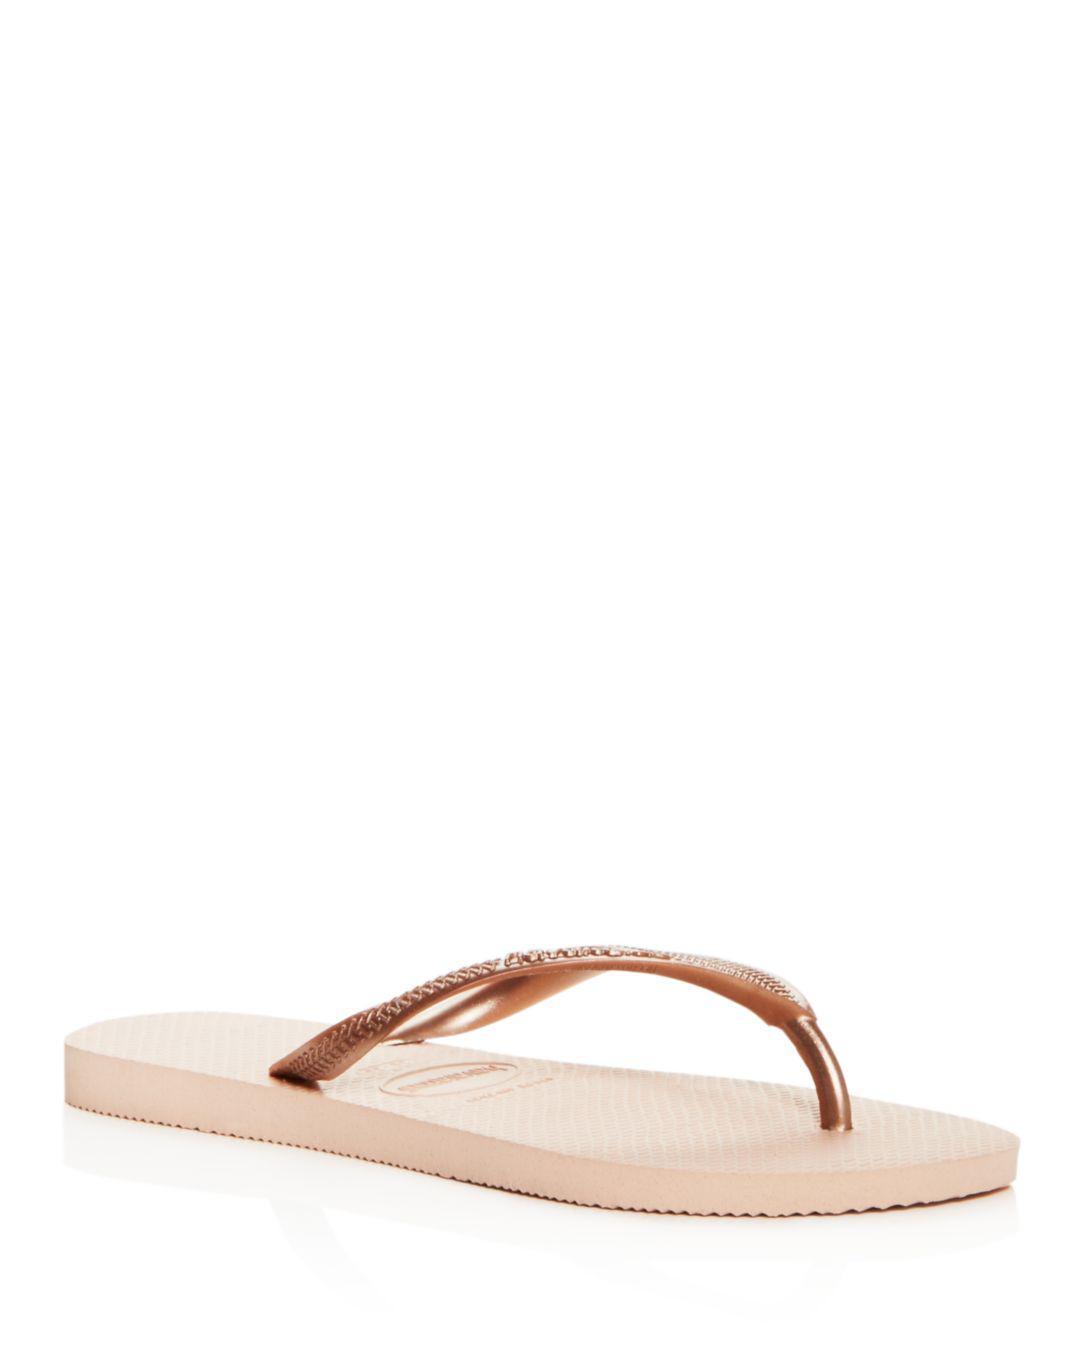 2441d6331661 Havaianas Women s Slim Flip-flops in Pink - Lyst